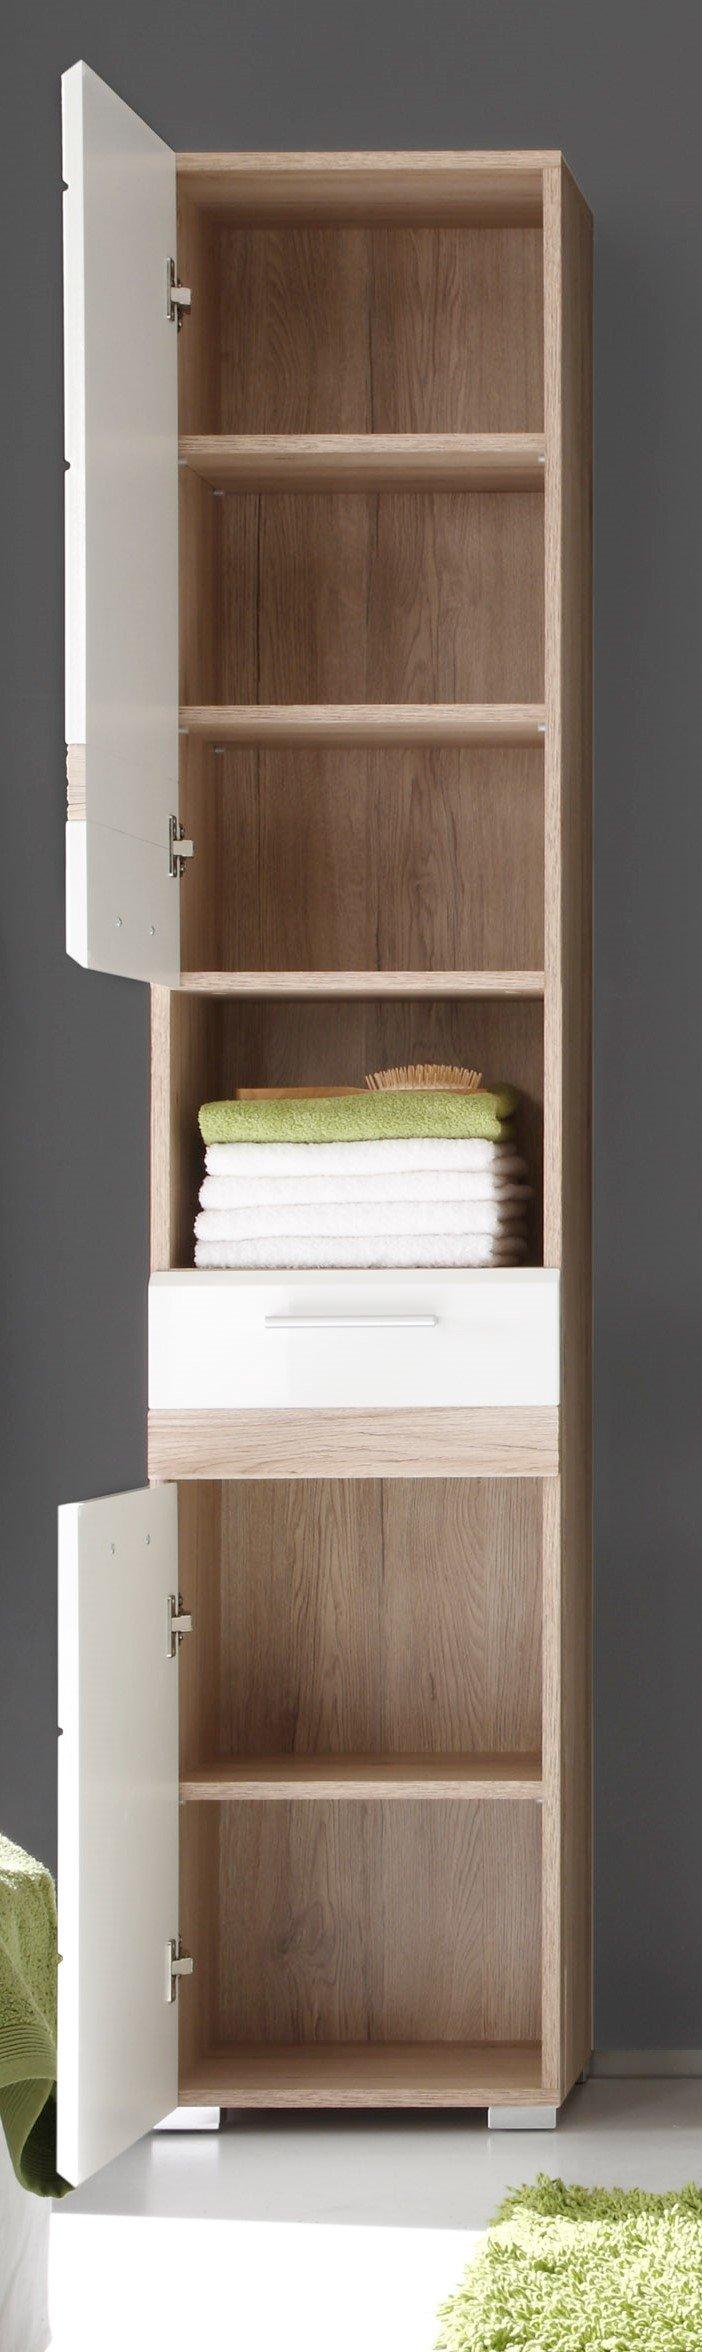 maisonnerie 1336 103 96 armoire grand meuble salle de bain ch ne de san remo claire blanc. Black Bedroom Furniture Sets. Home Design Ideas